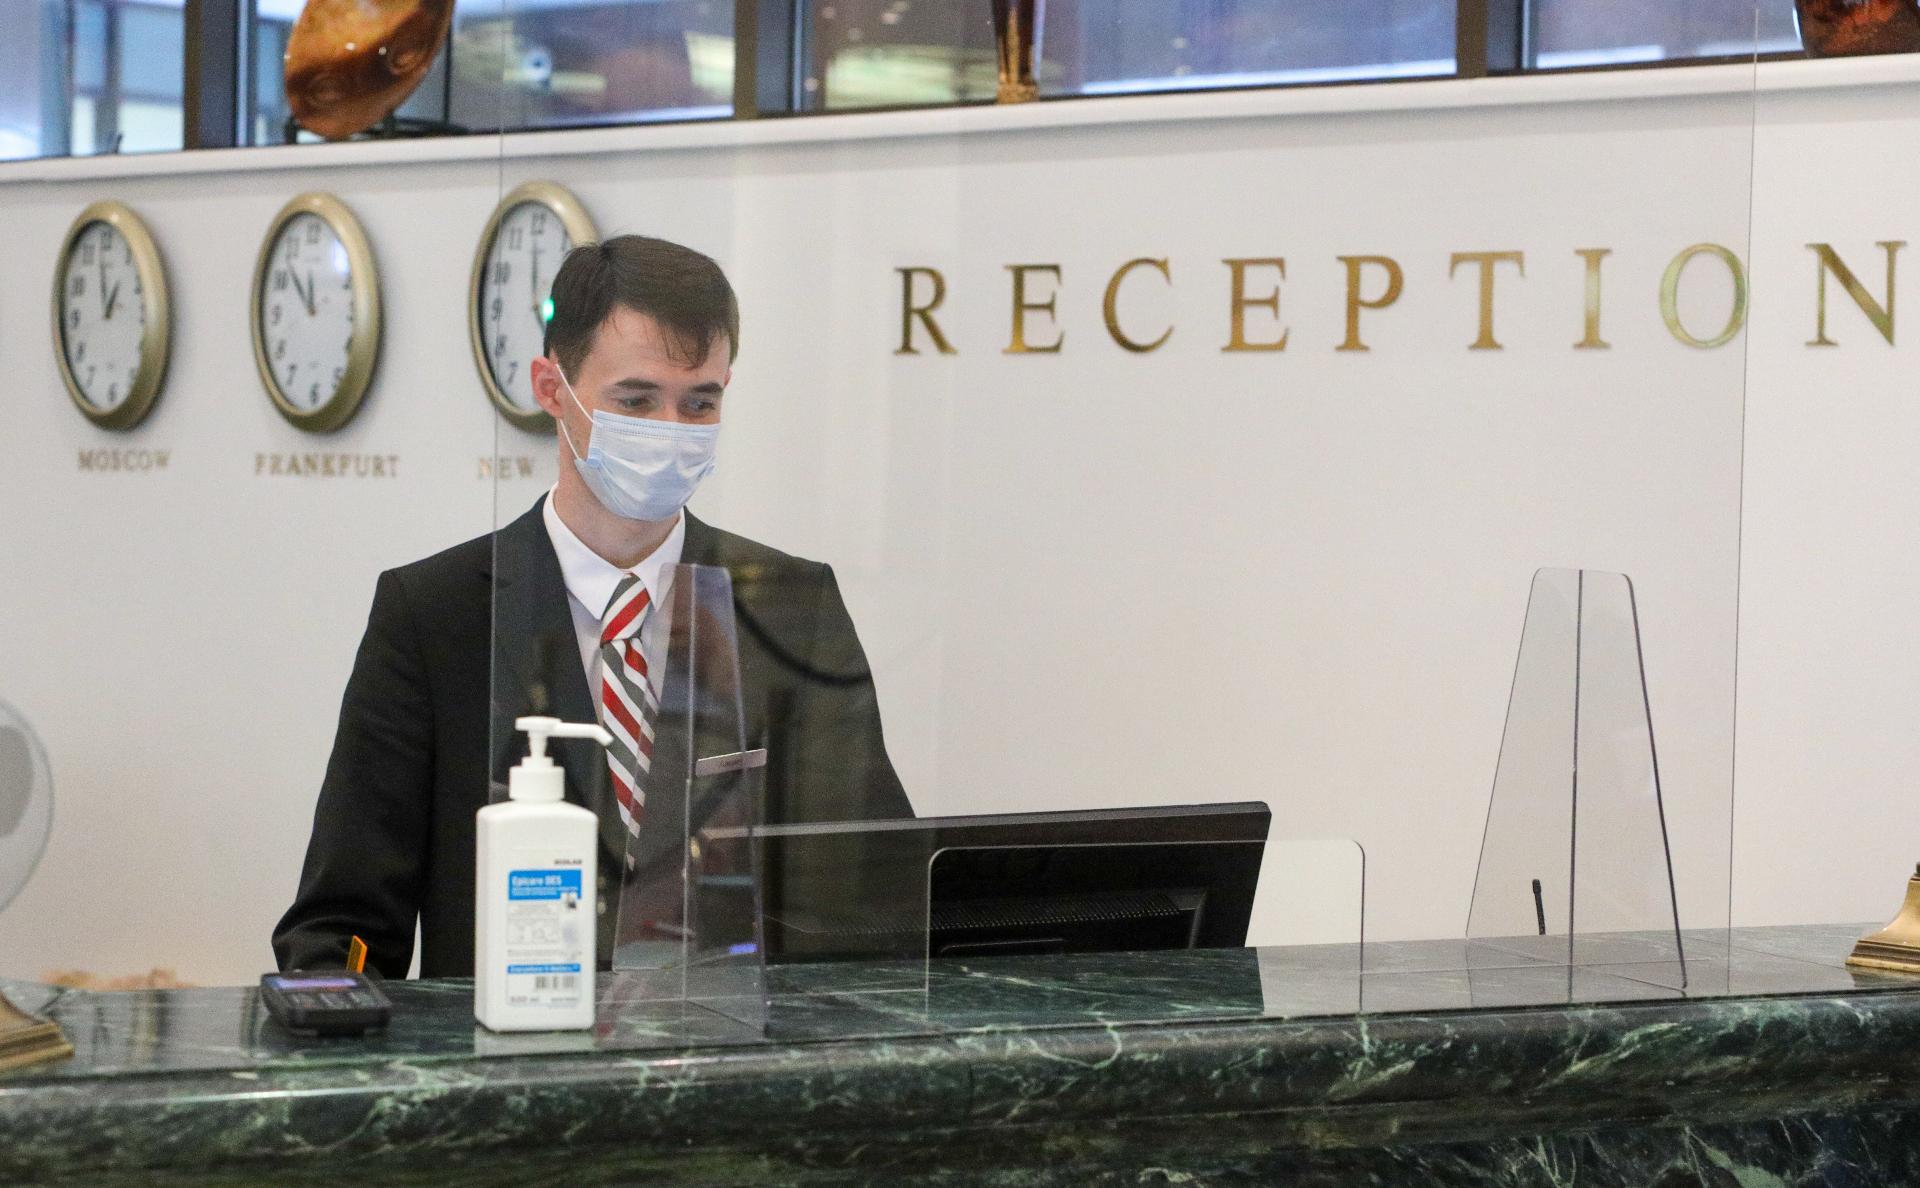 Часть отелей Москвы смогли вернуть спрос на уровень до пандемии